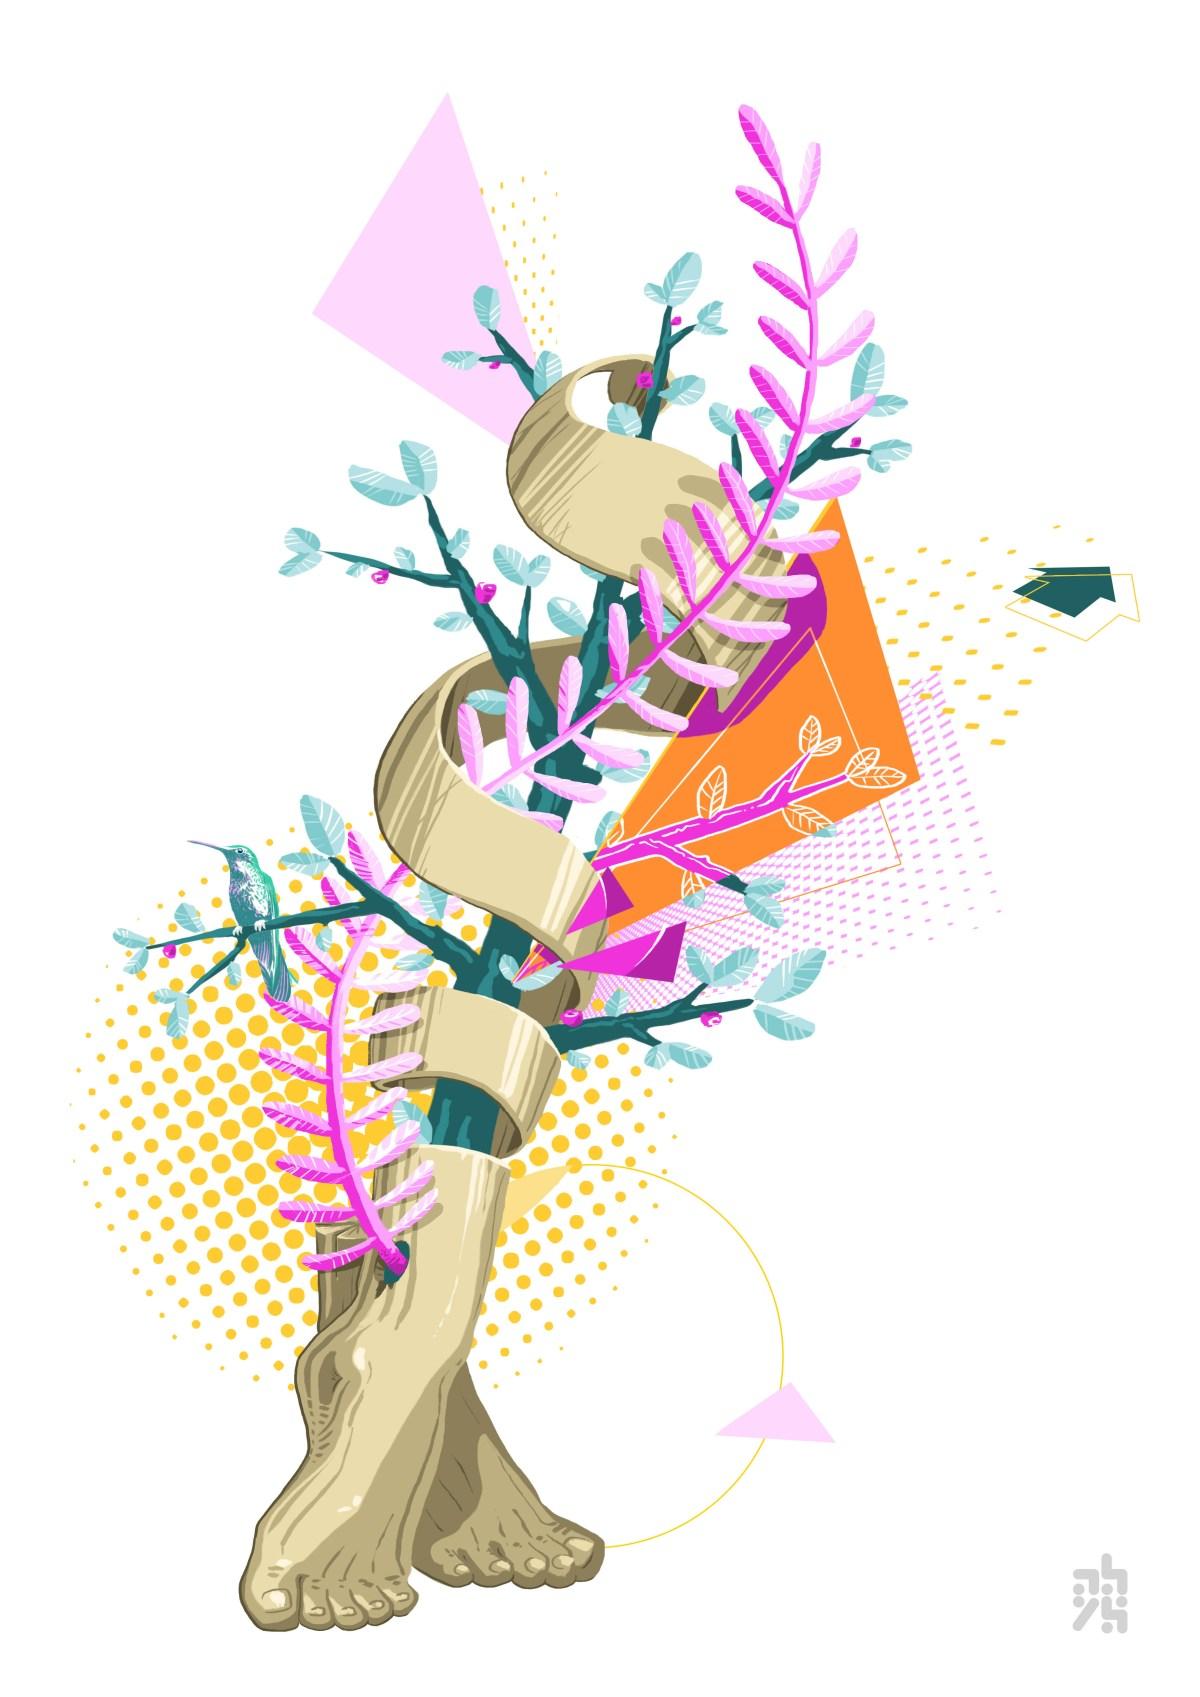 illustrateur - graphiste - abys digital painting lyon pied vegetal colibri